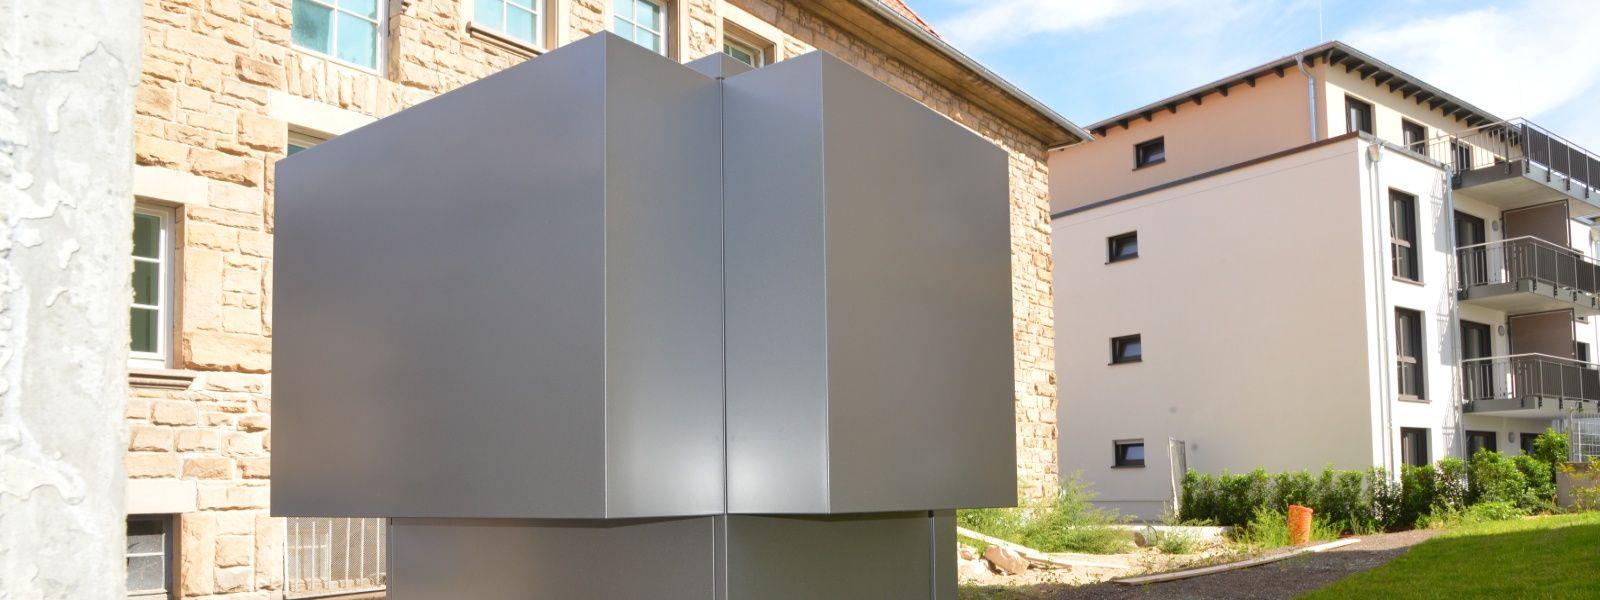 Energieeffiziente Wärme: Wärmepumpe in einem Quartier